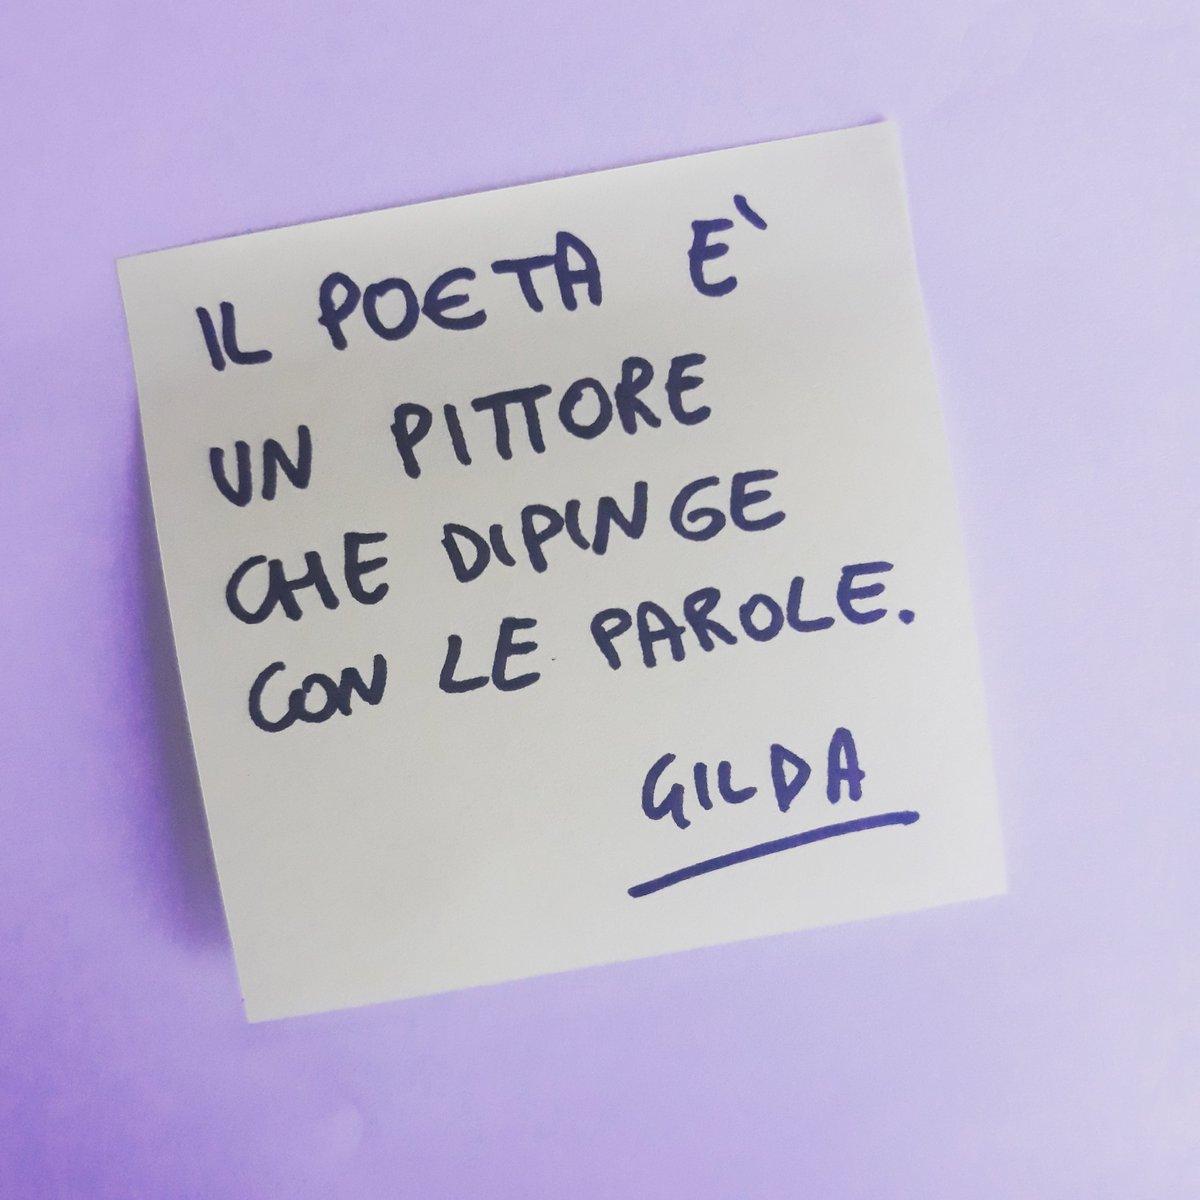 Il poeta è un pittore che dipinge con le parole.Gilda#quote#myquotes#lovequotes#quotescreator#copyright#aphorism#aphorist#citazione#citazioni#parole#lemieparole#Gilda #italian#writer #photographer #andsomuchmore#followme #iloveyou #kiss   - Ukustom